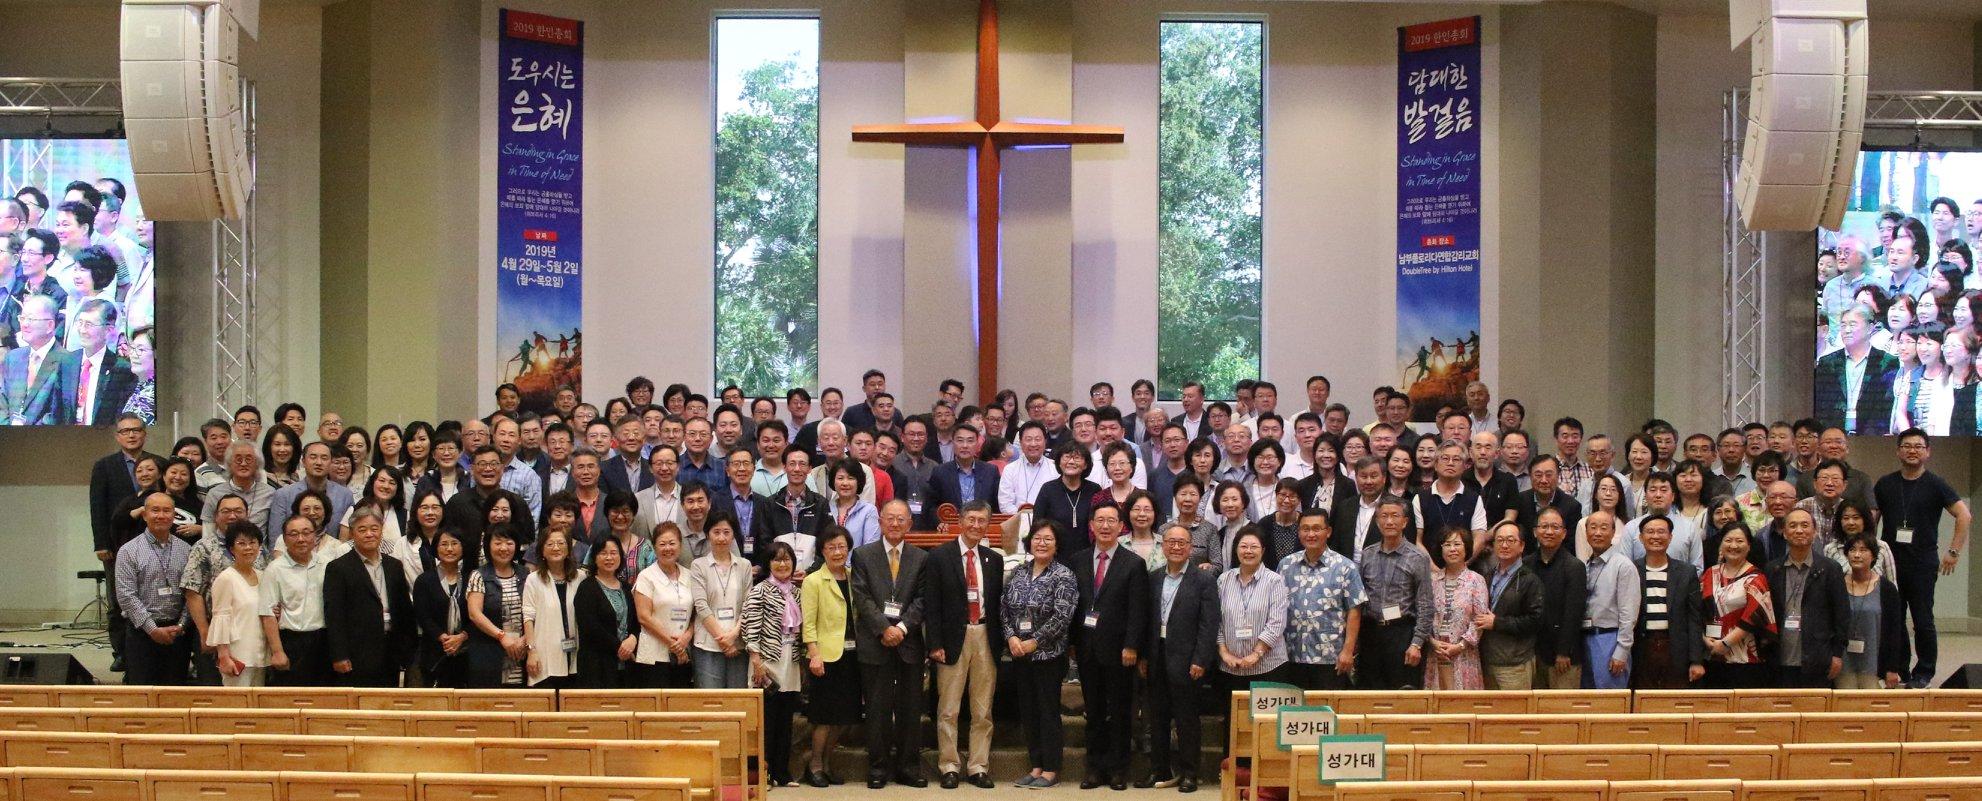 2019년 한인총회 참석한 목회자들과 평신도들이 함께한 모습. 사진, 김응선 목사, 연합감리교뉴스.